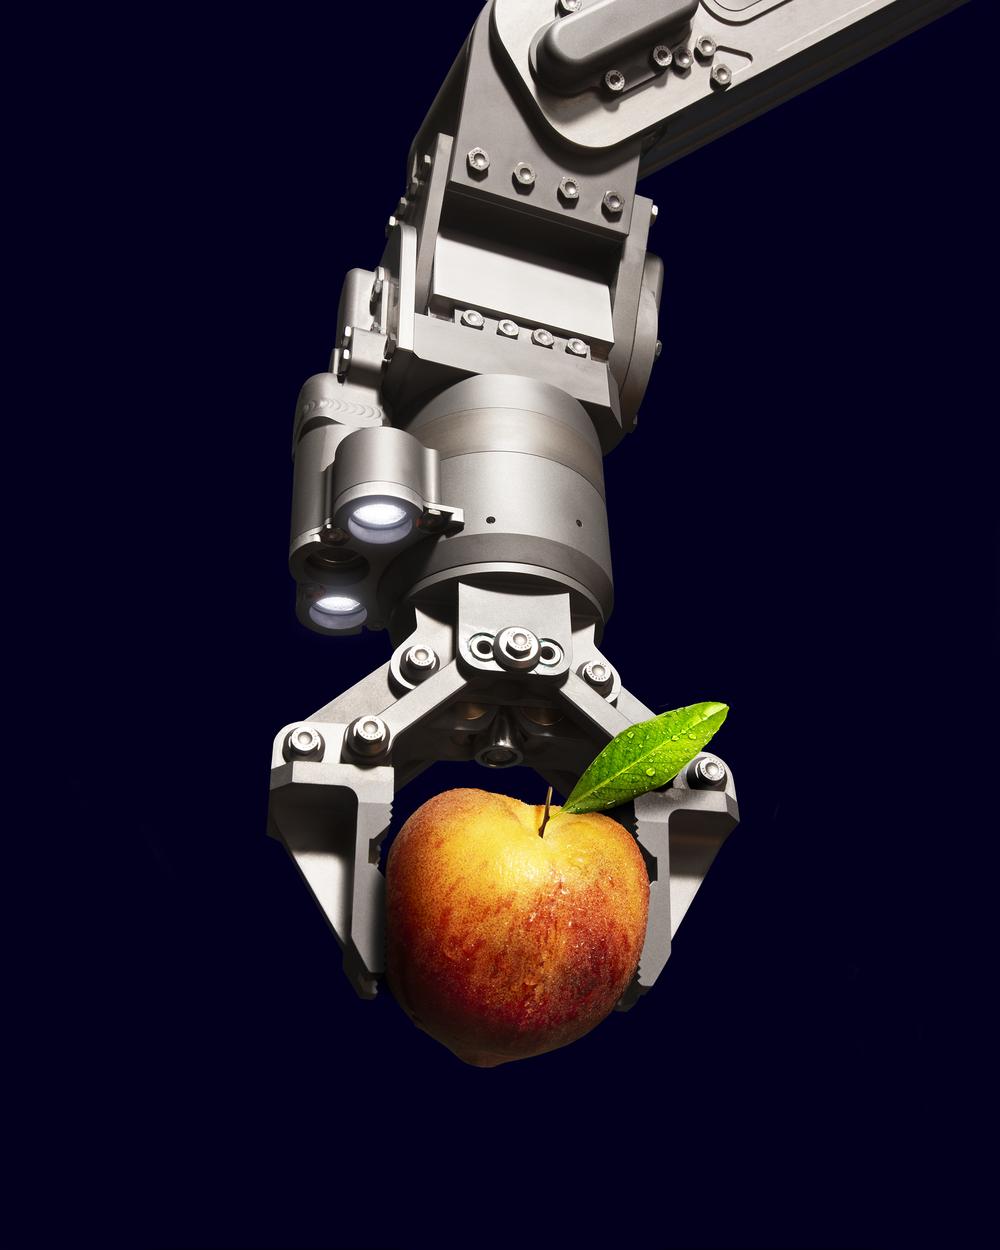 SCHILLING_ROBOTICS_095_V6_V4_FNL.jpg